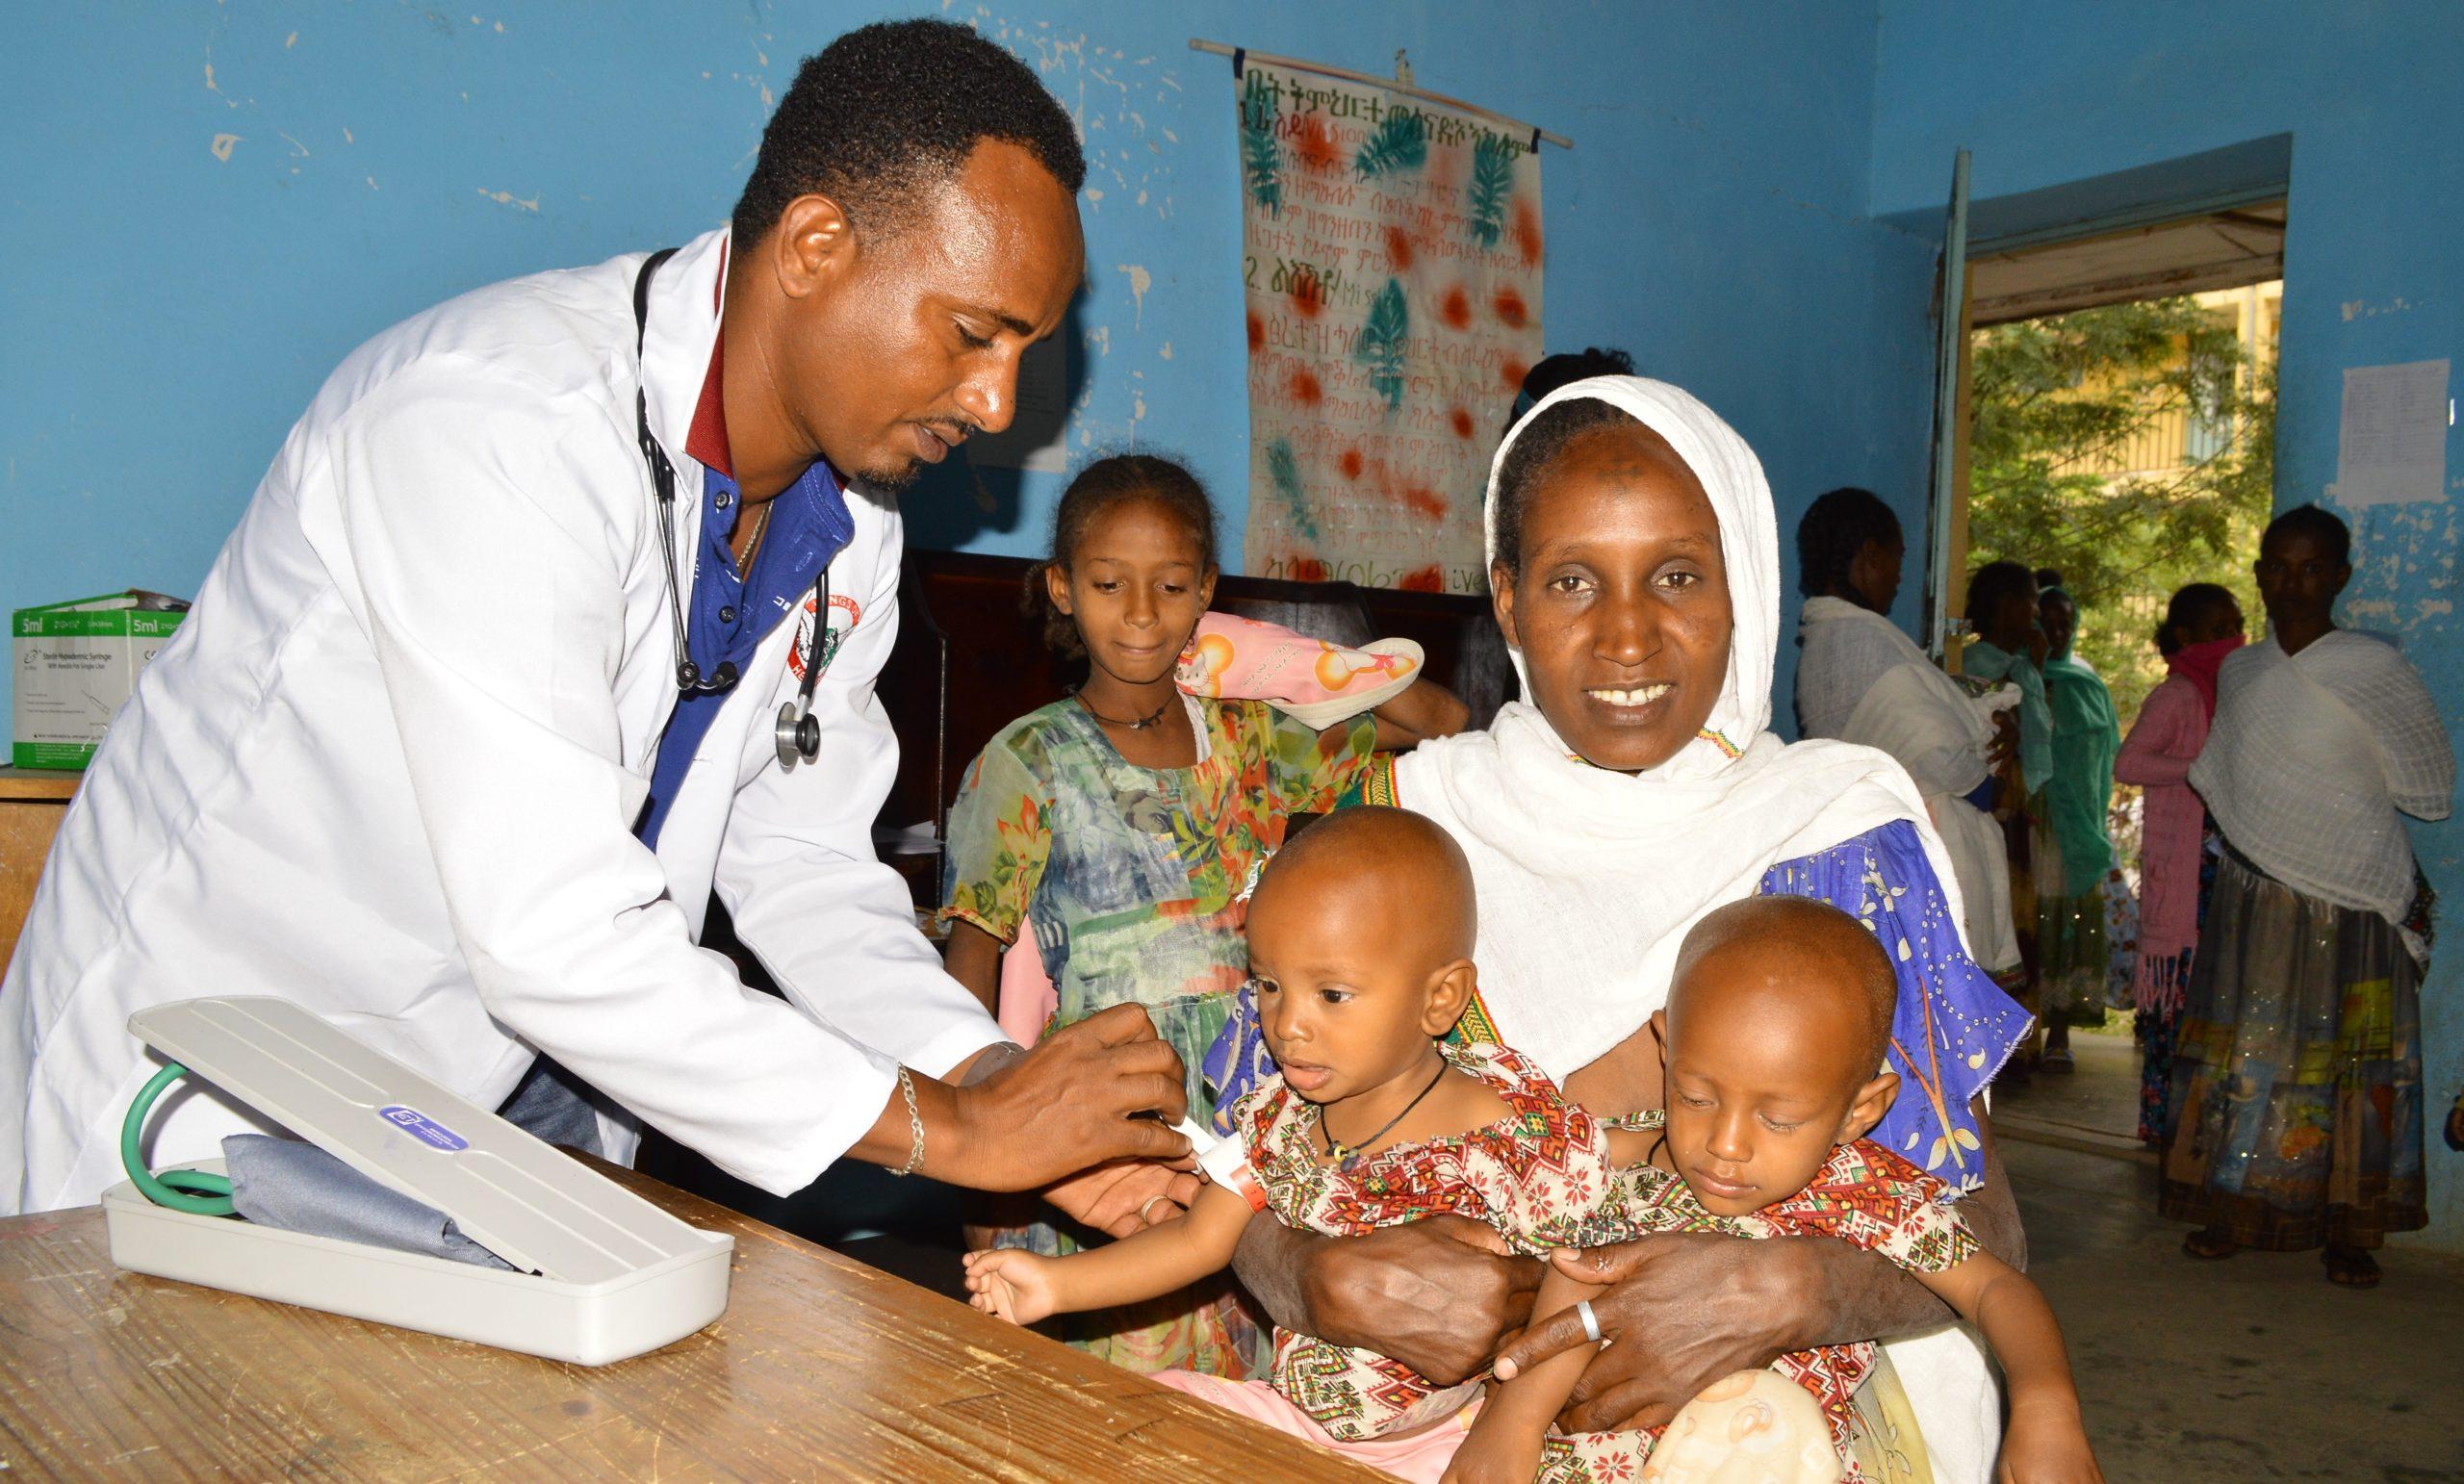 screening for Malnutrition